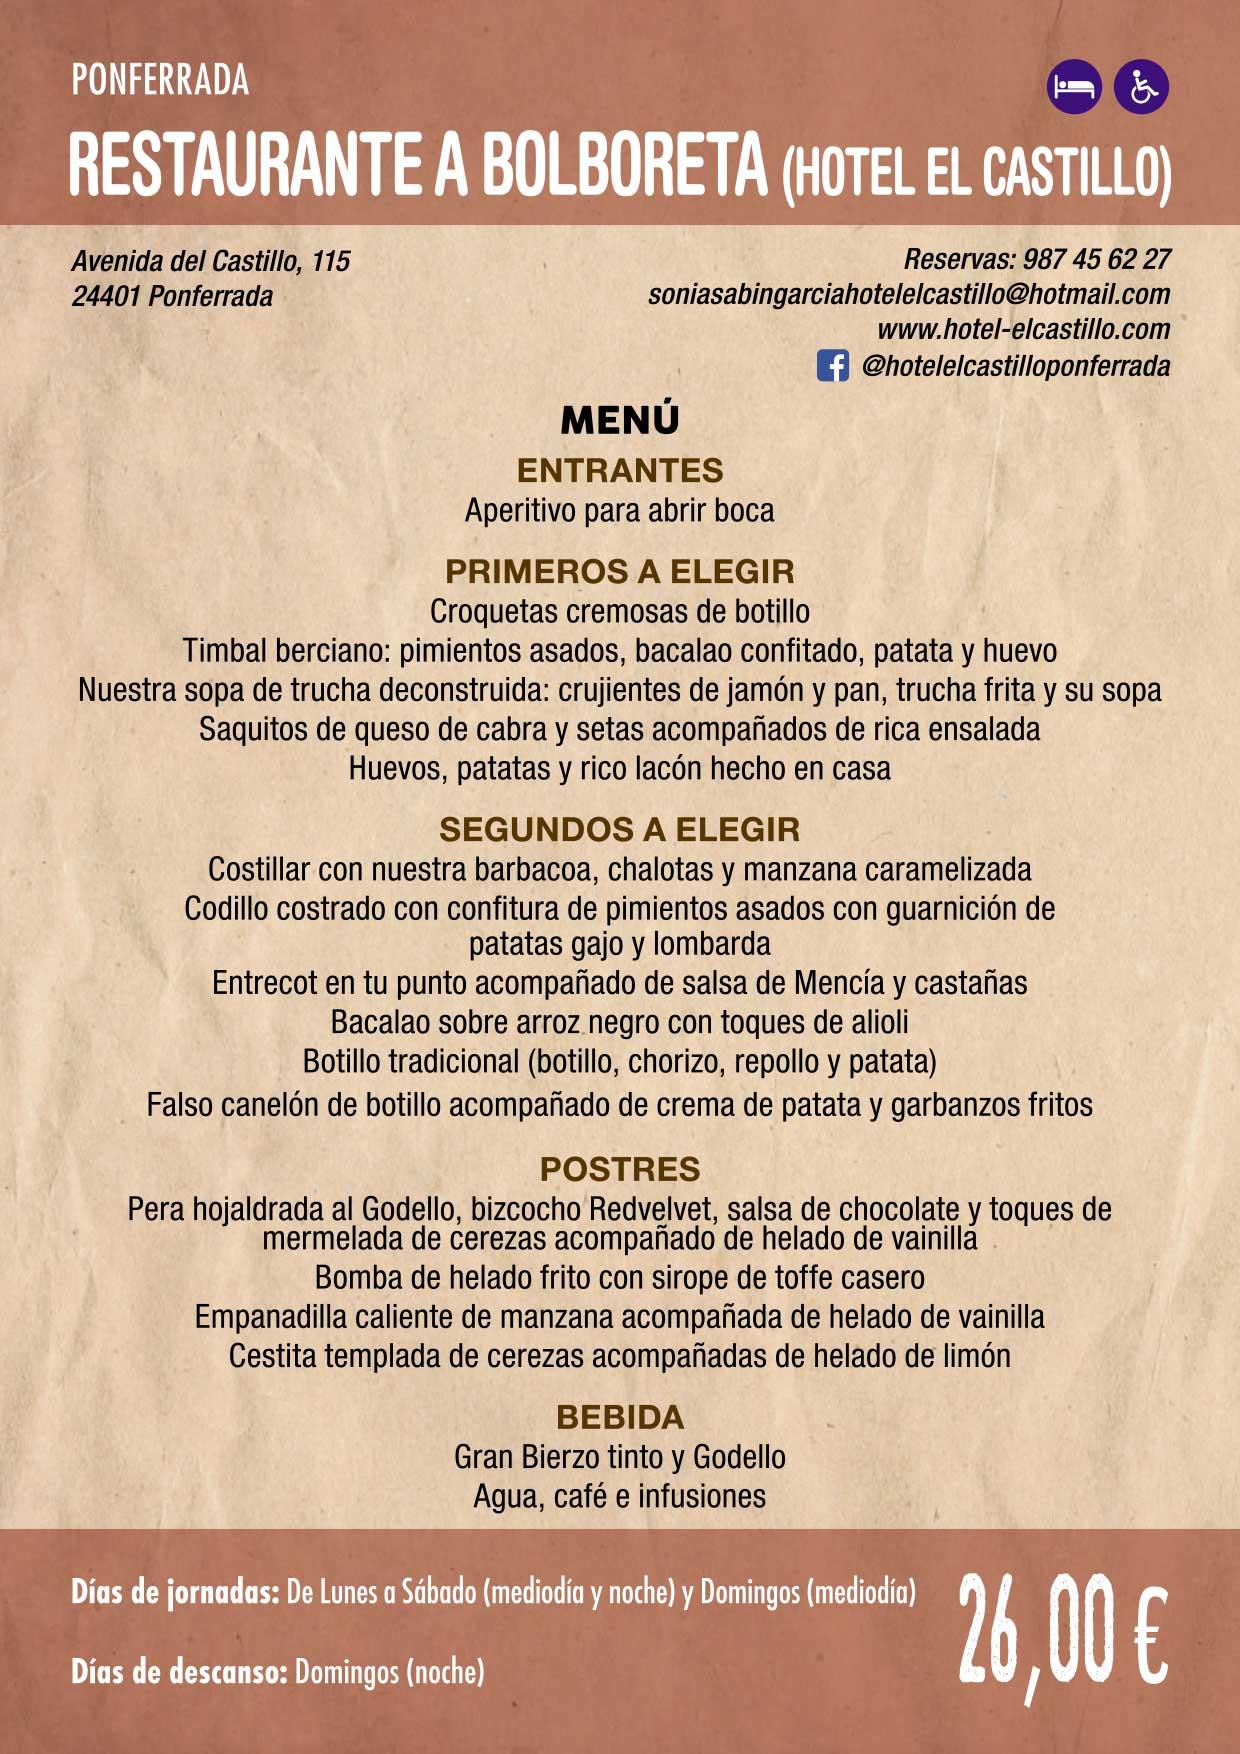 XXXVI Jornadas Gastronómicas De El Bierzo 2020. Consulta los restaurantes y menús 16